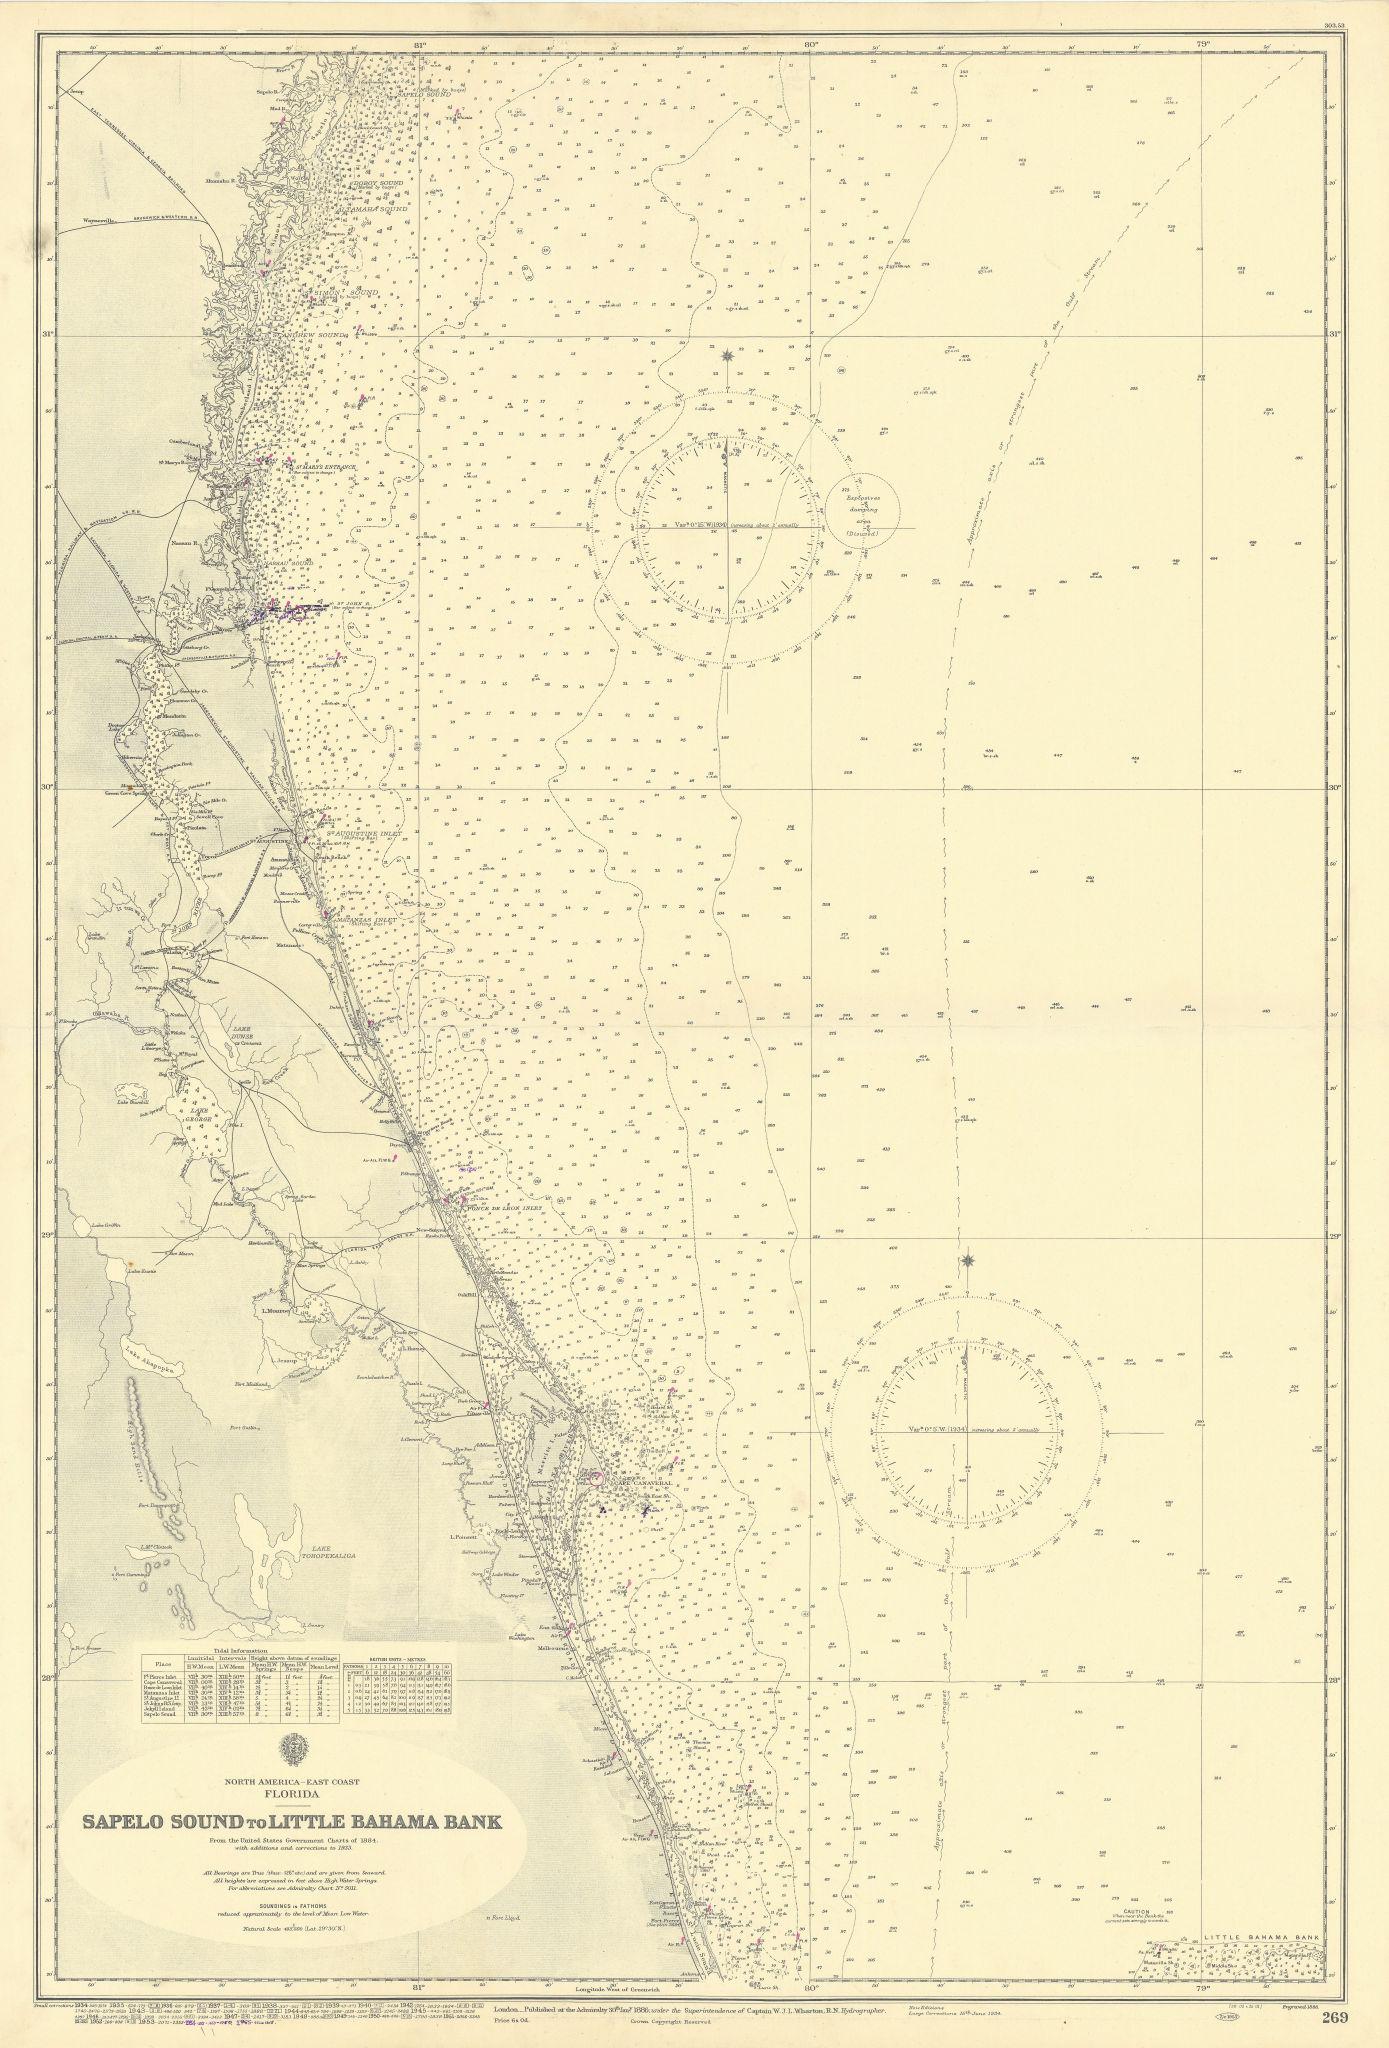 Florida Georgia coast Sapelo Island-St Lucie ADMIRALTY sea chart 1886 (1955) map